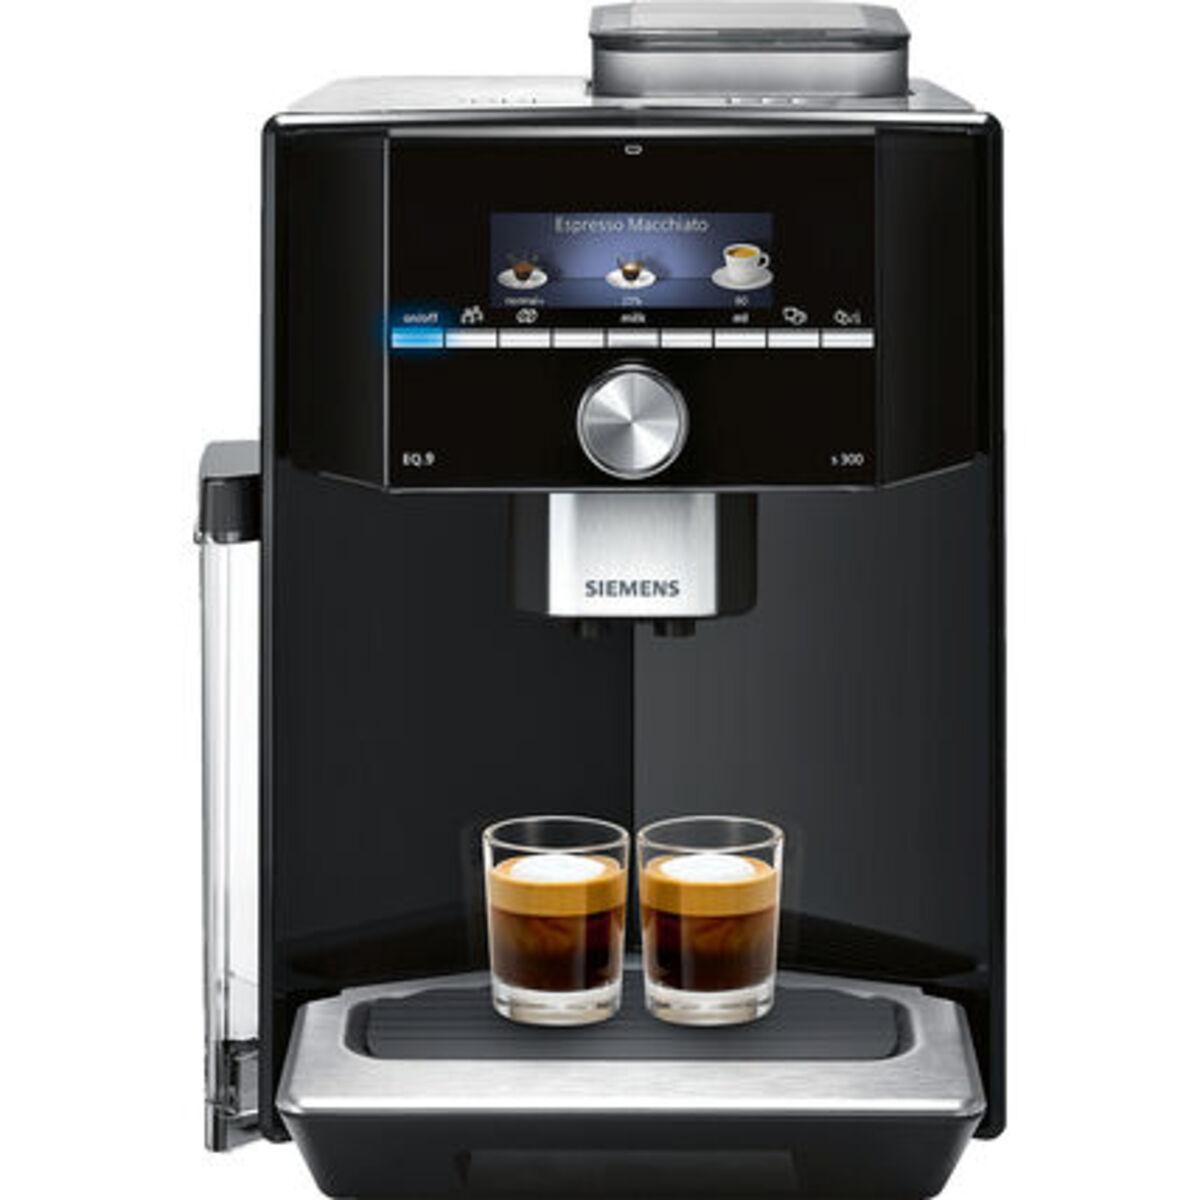 Bild 1 von Siemens Kaffeevollautomat EQ.9 s300, TI913539DE, schwarz/edelstahl